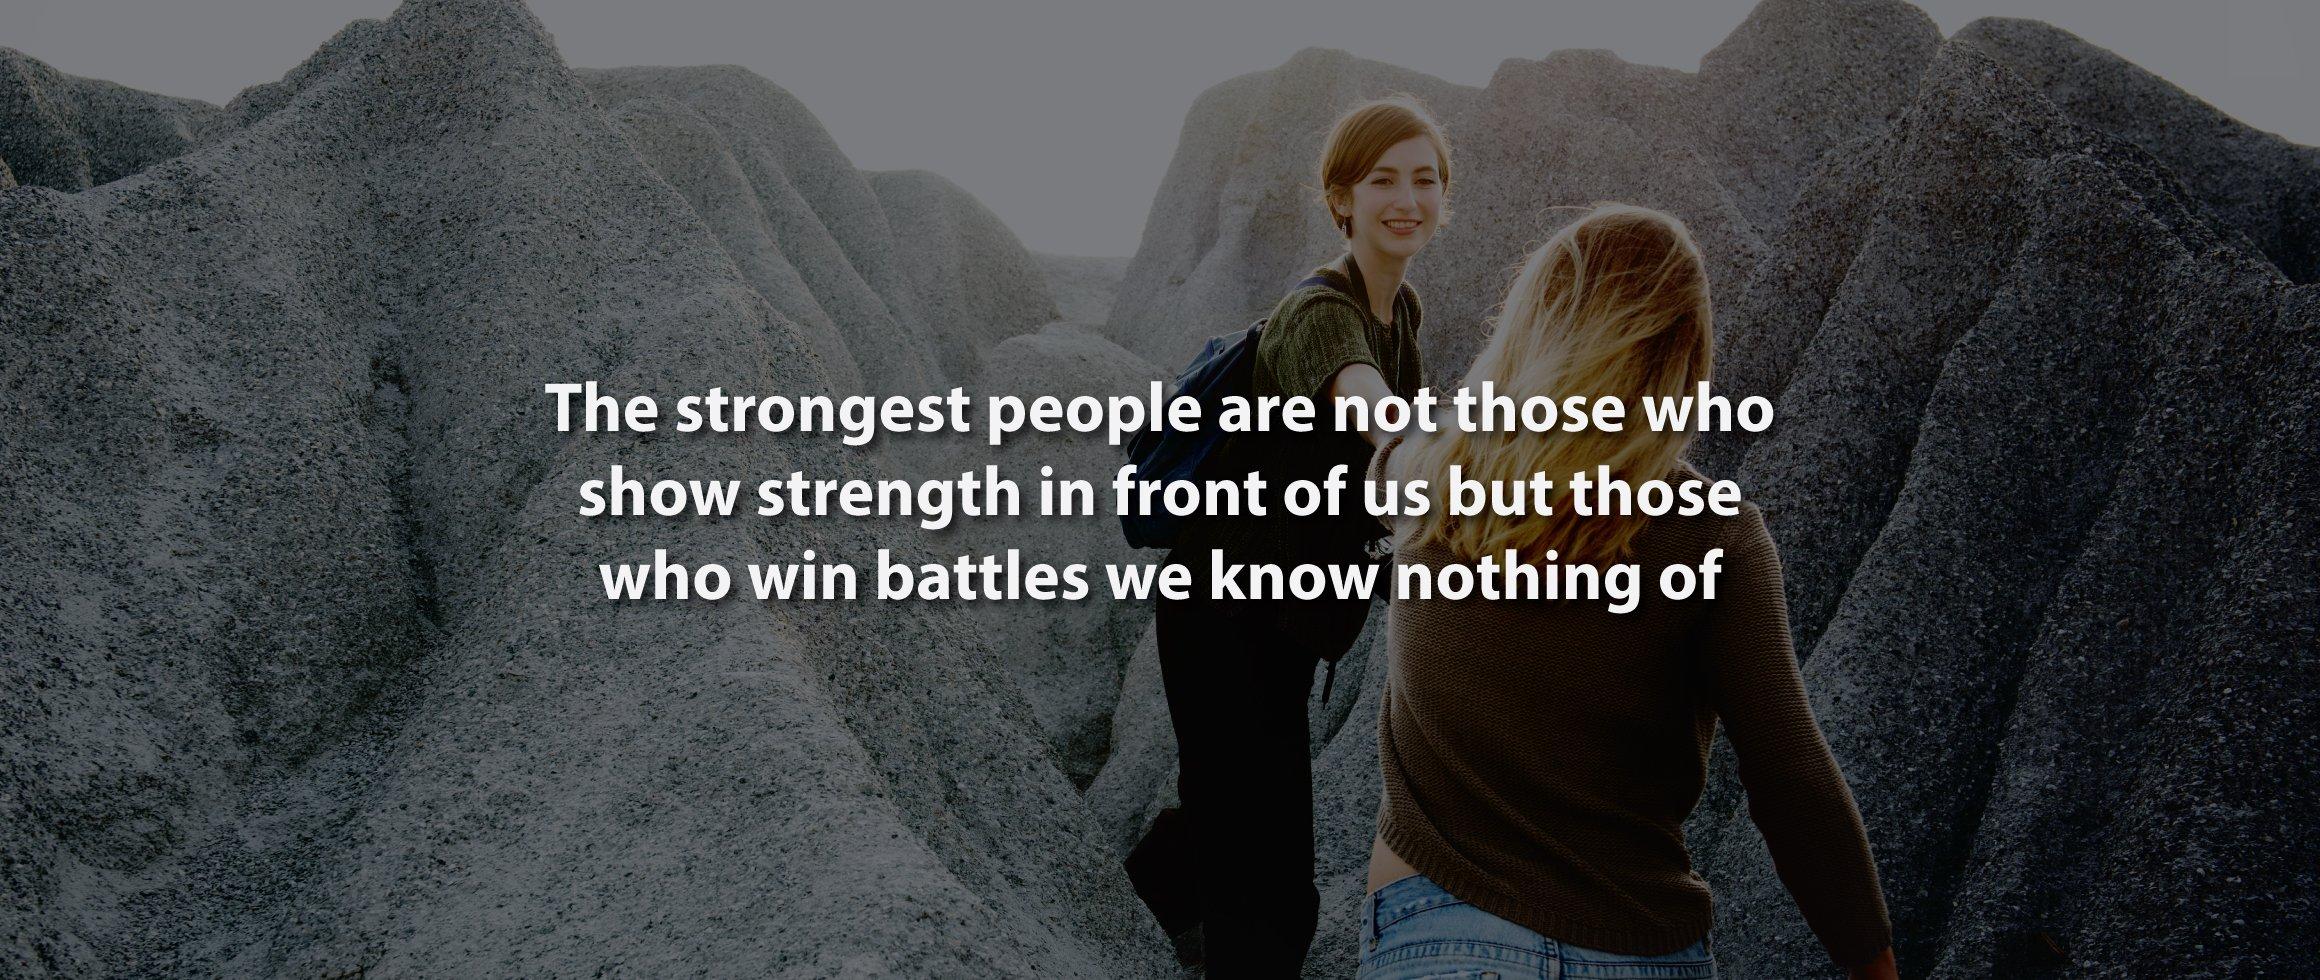 Battling depression together